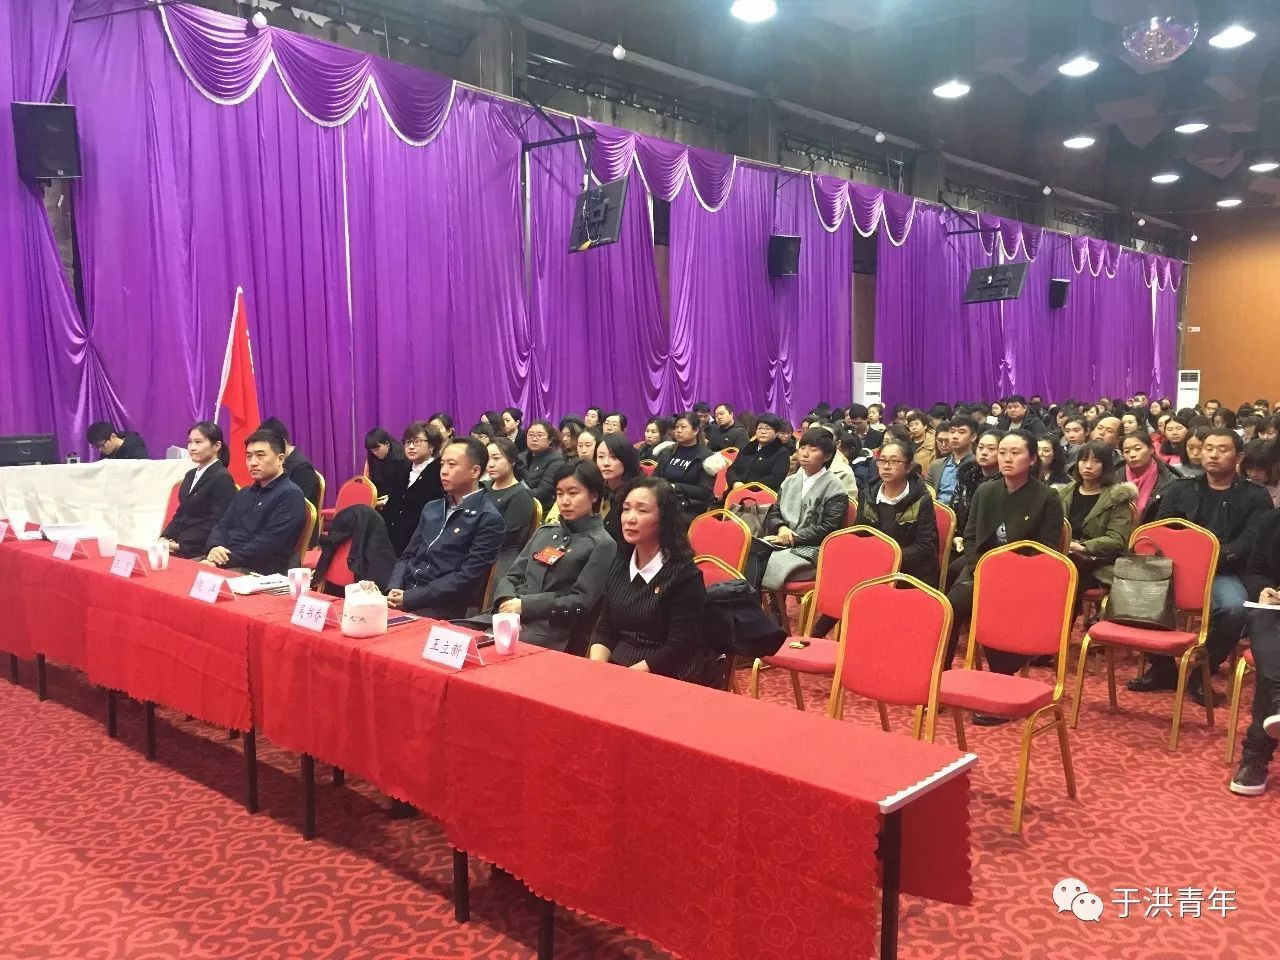 沈阳市于洪区委会_以党的新精神开启团的新篇章,共青团于洪区委员会于2017年11月11日